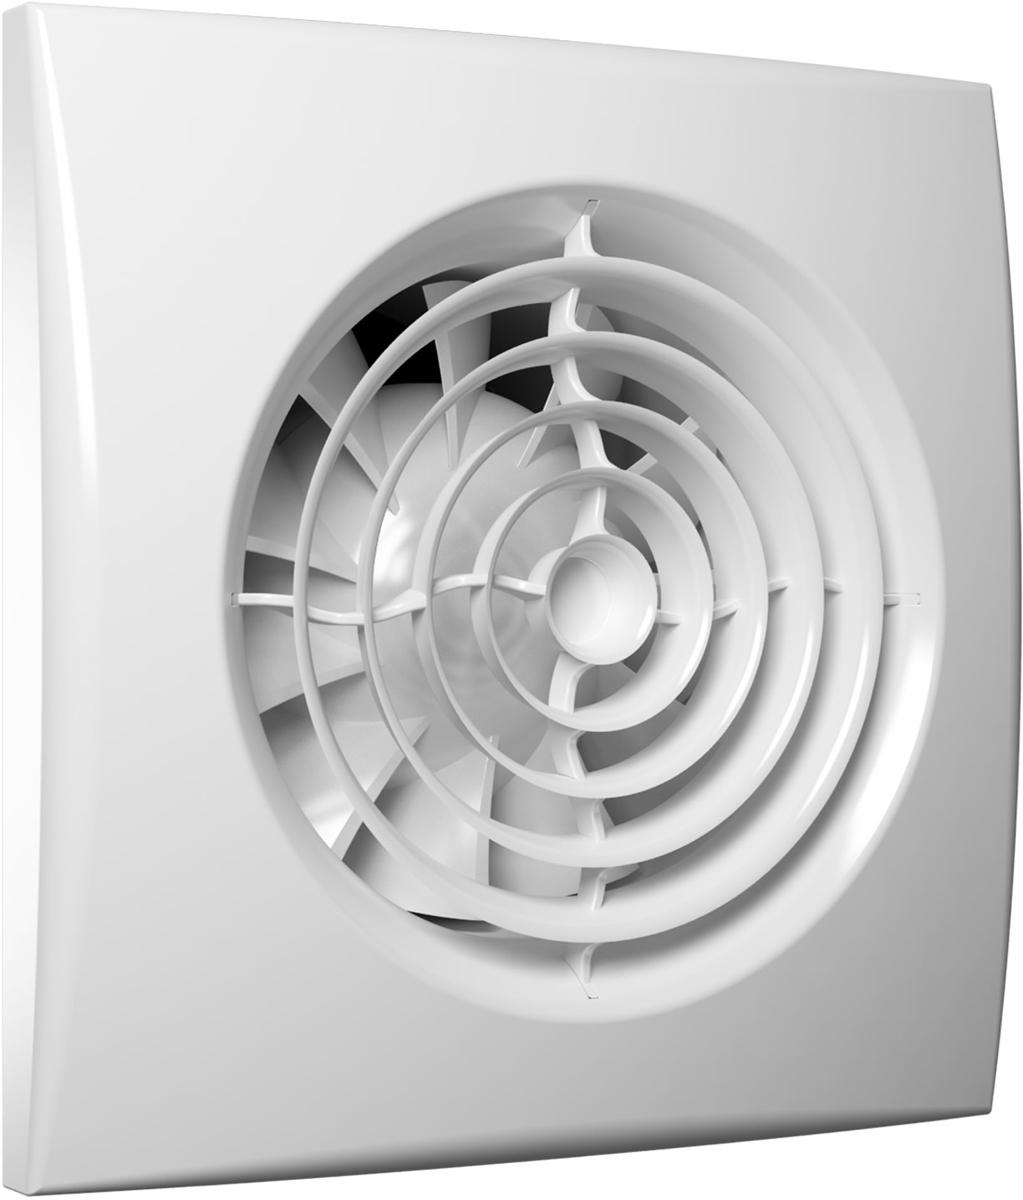 DiCiTi Aura 5C MRвентилятор осевой вытяжной - Вентиляторы